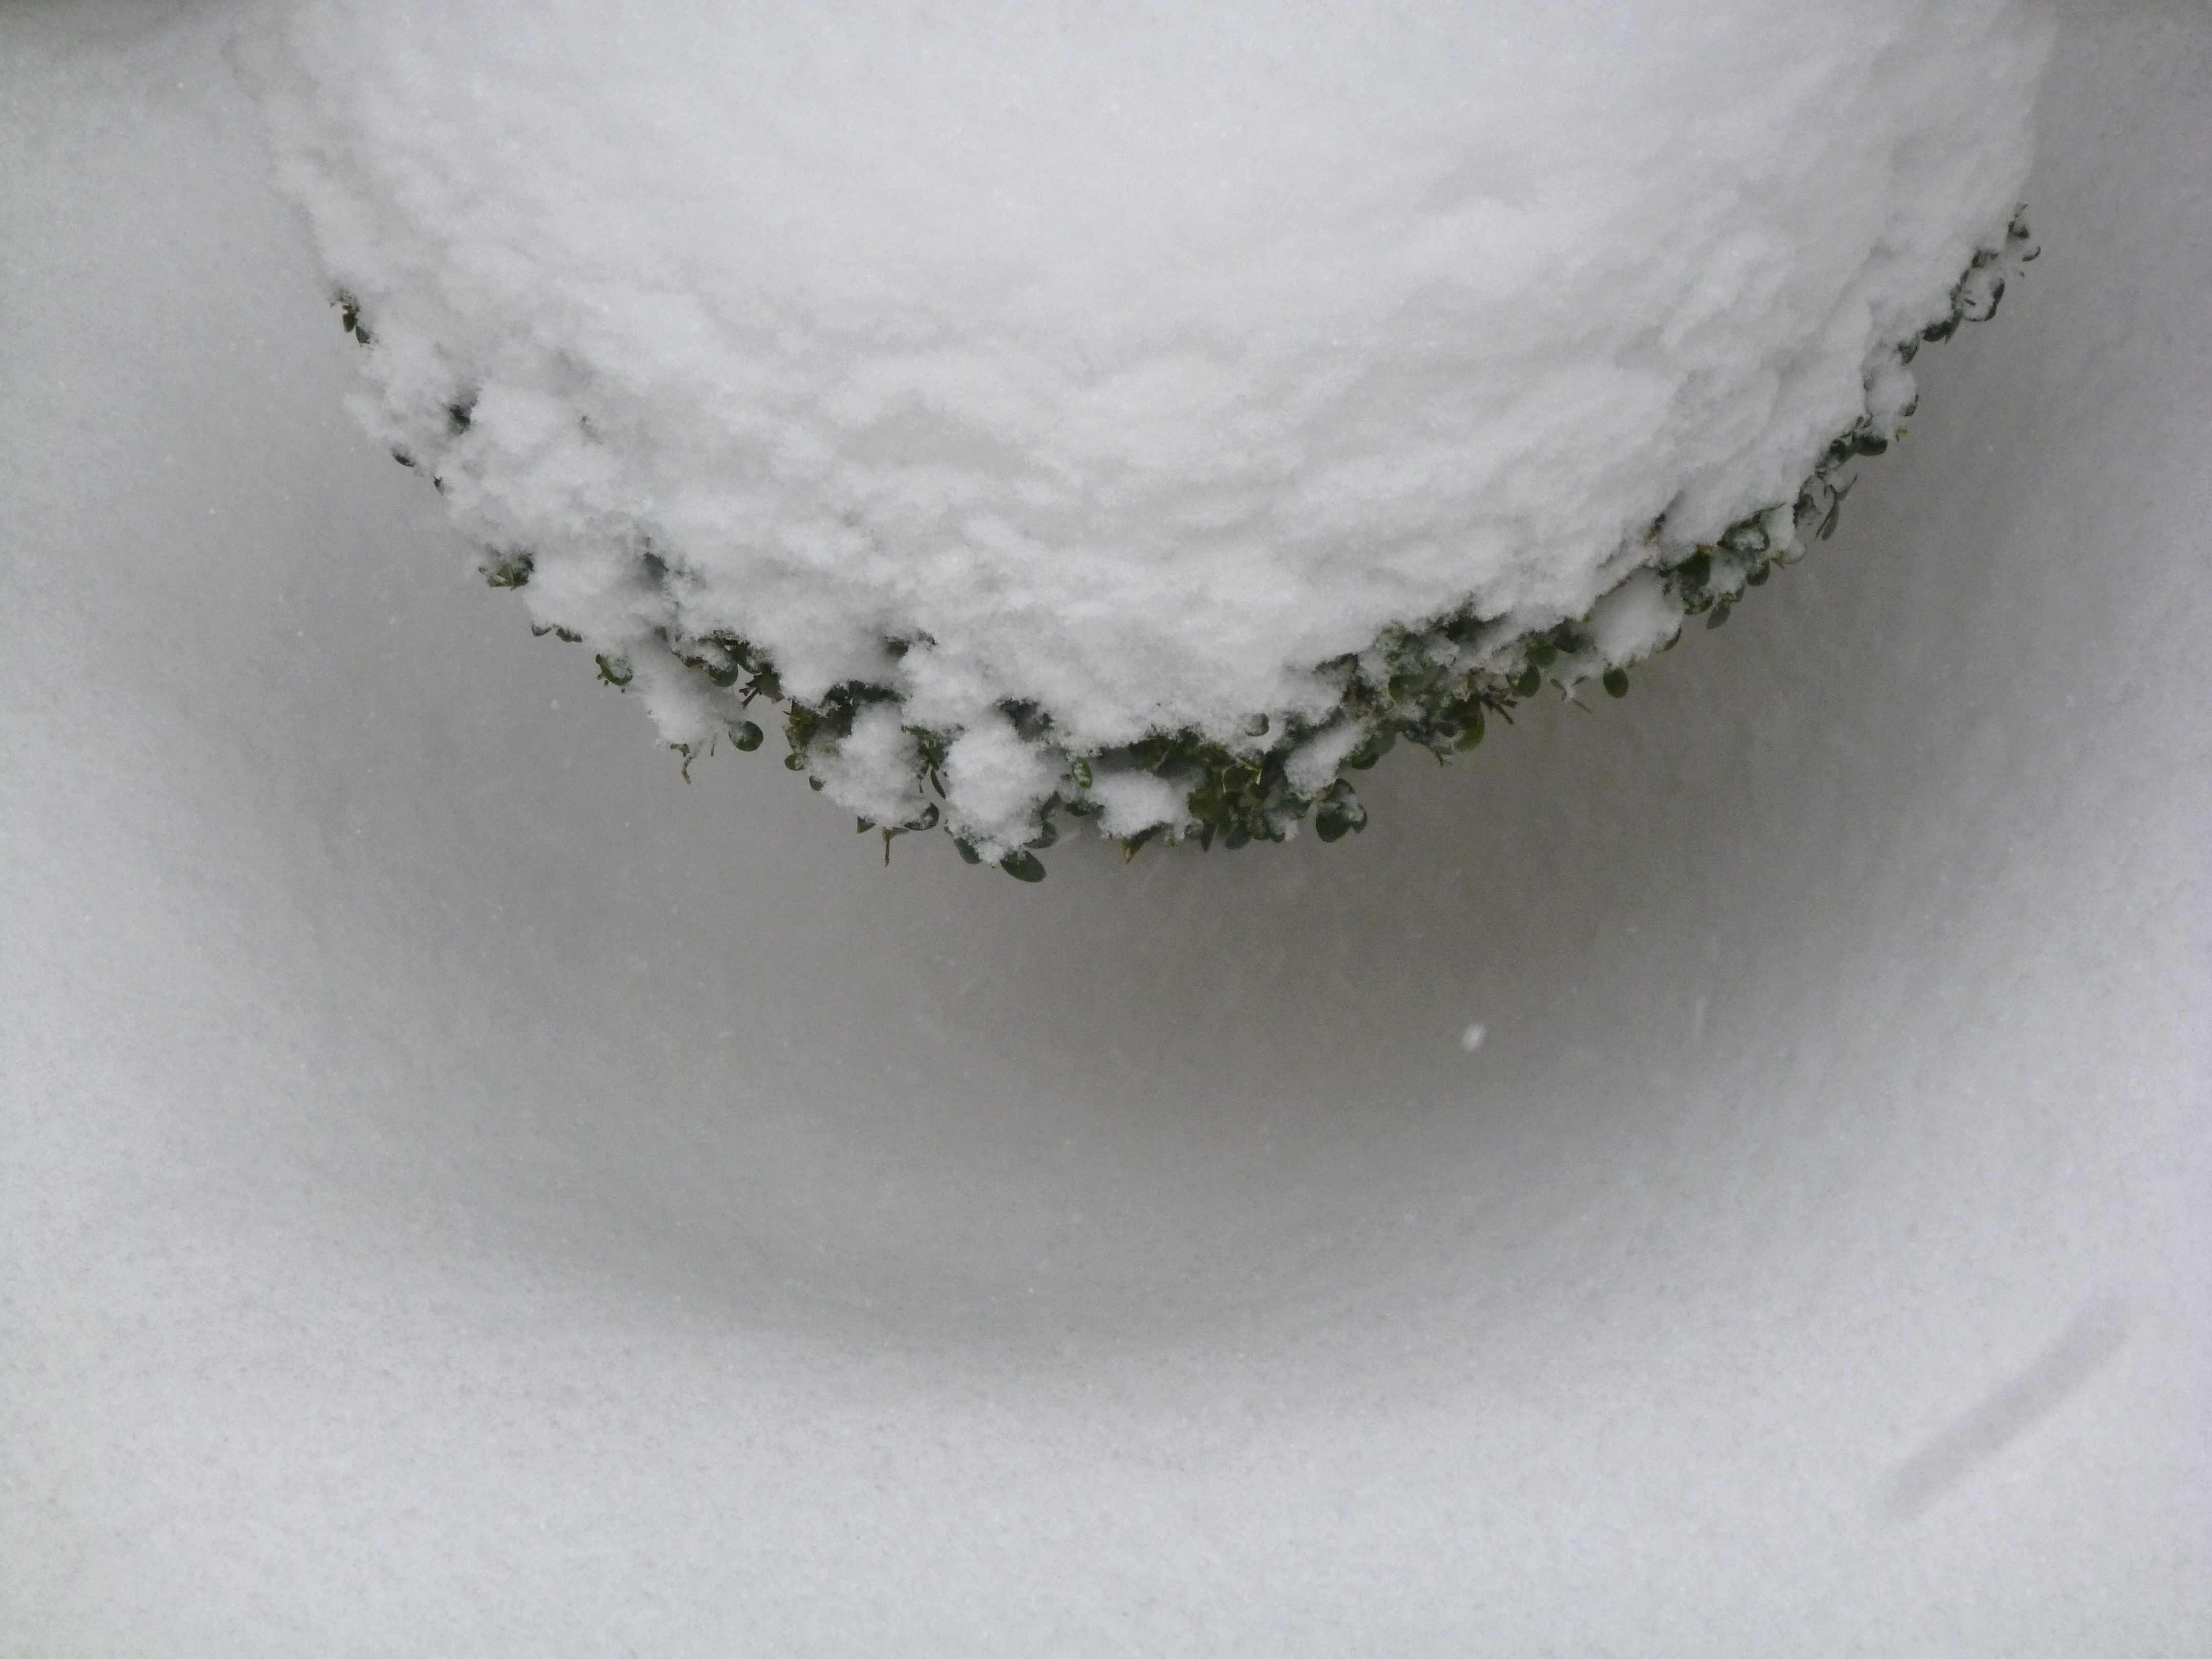 Neige sur buis boule 12-03-2013